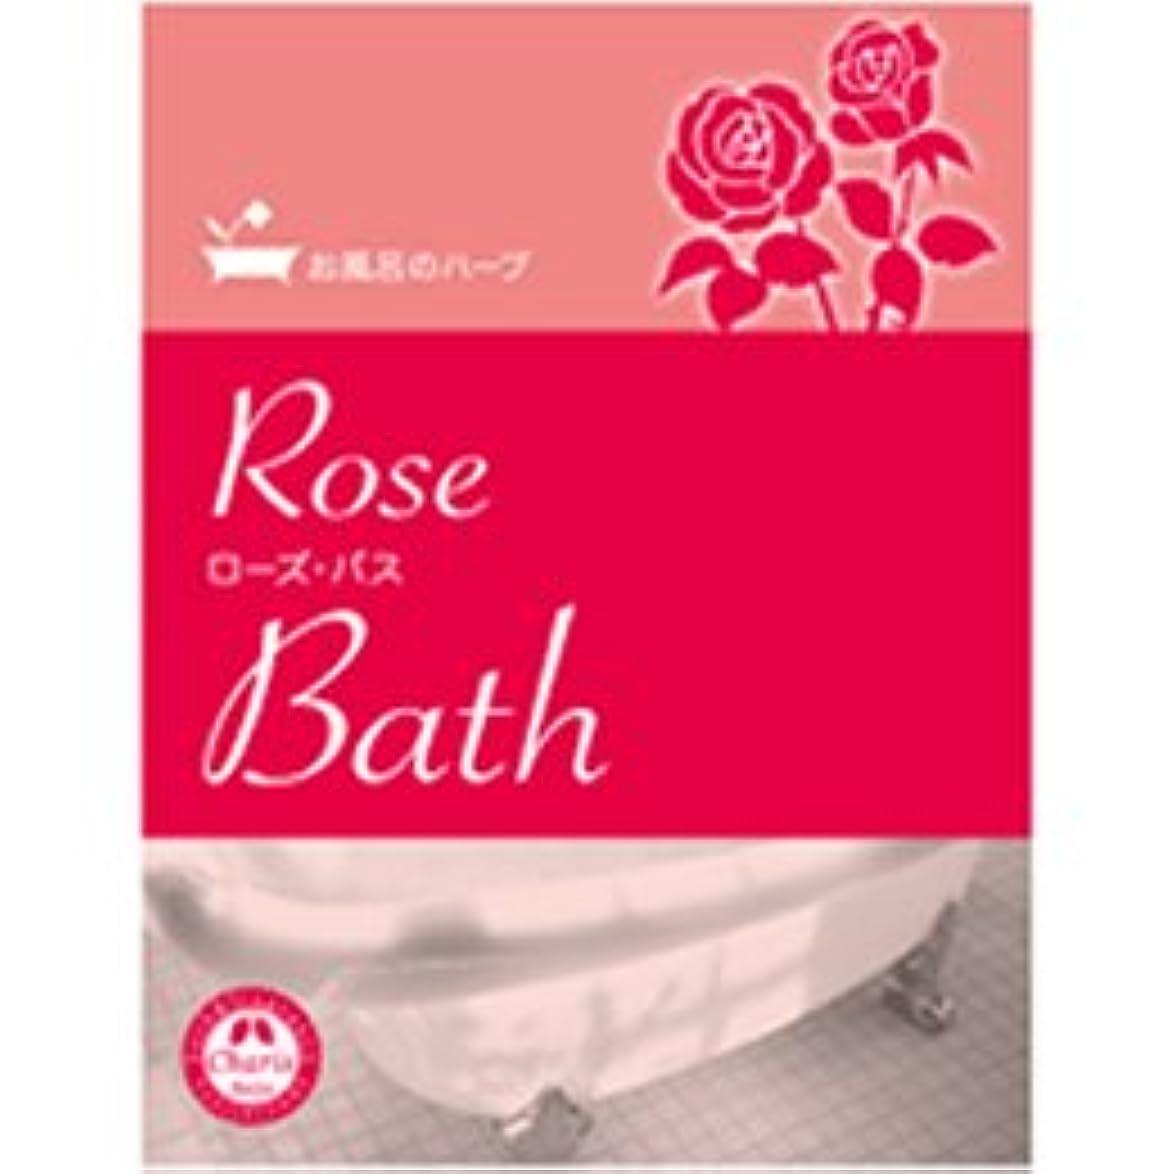 称賛エゴイズム火山カリス成城 お風呂のハーブ ローズ